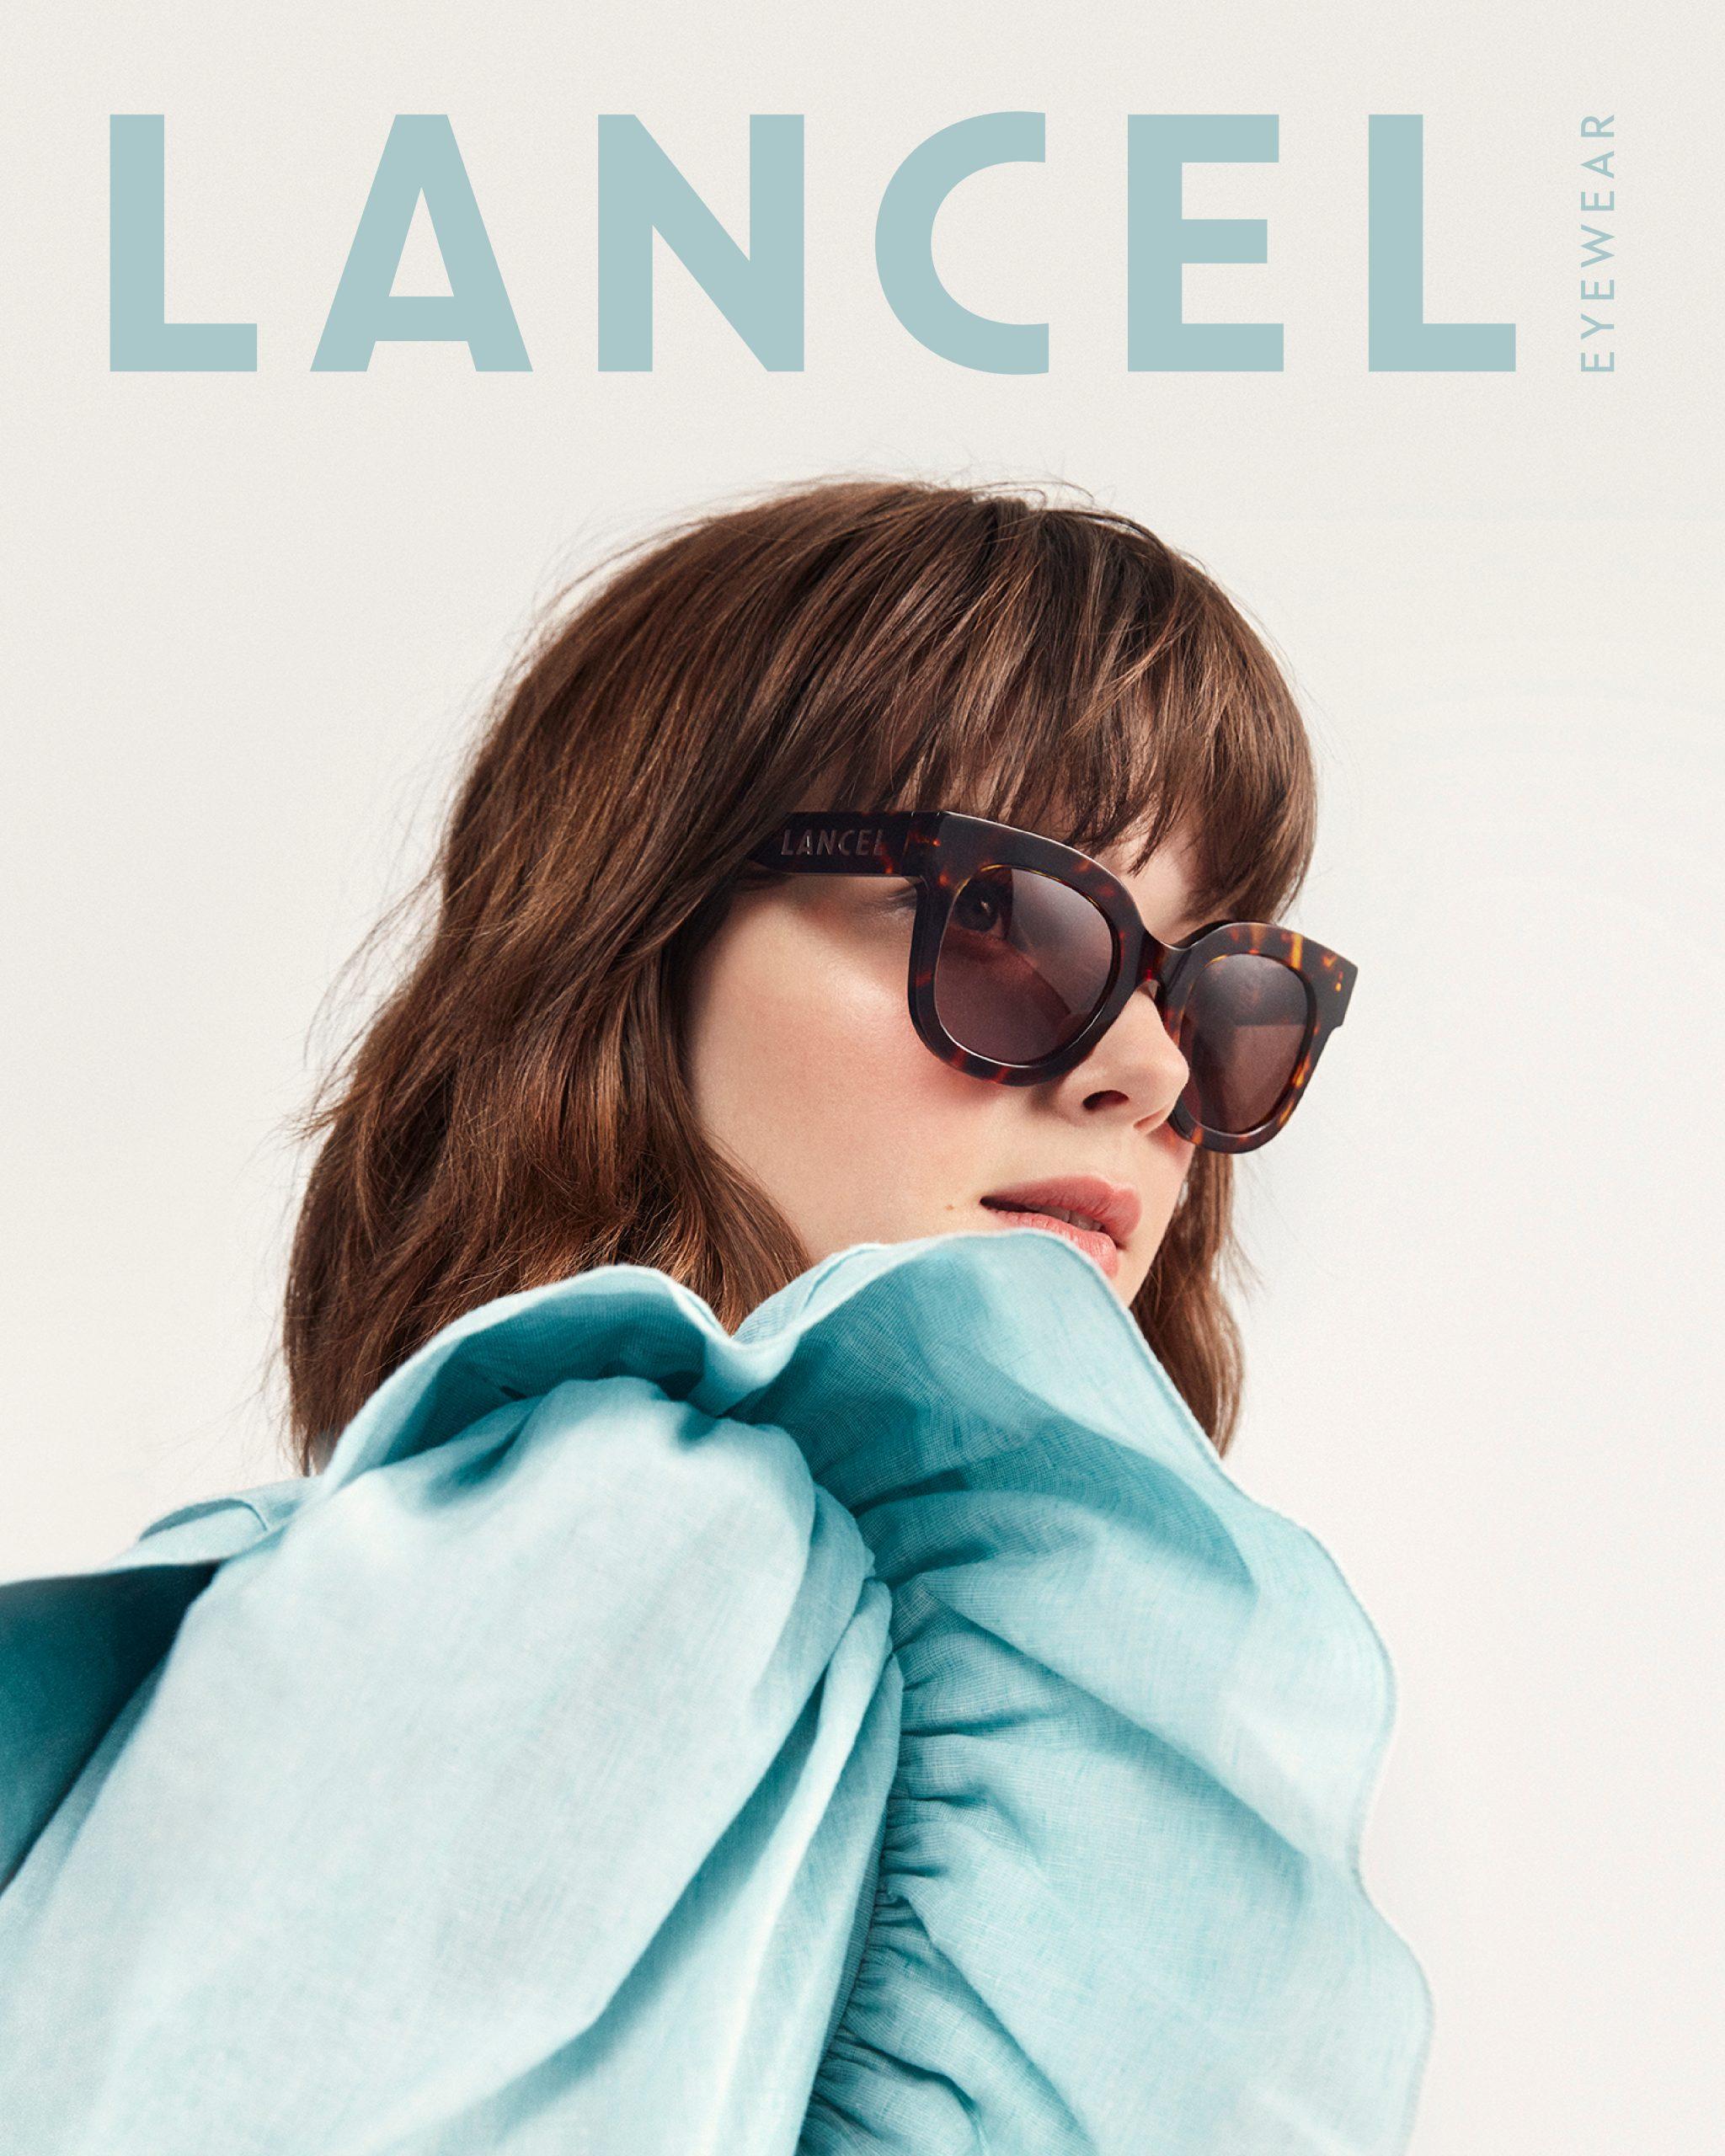 Lancel Eyewear - Master 4-5 Logo - Solaires - RVB